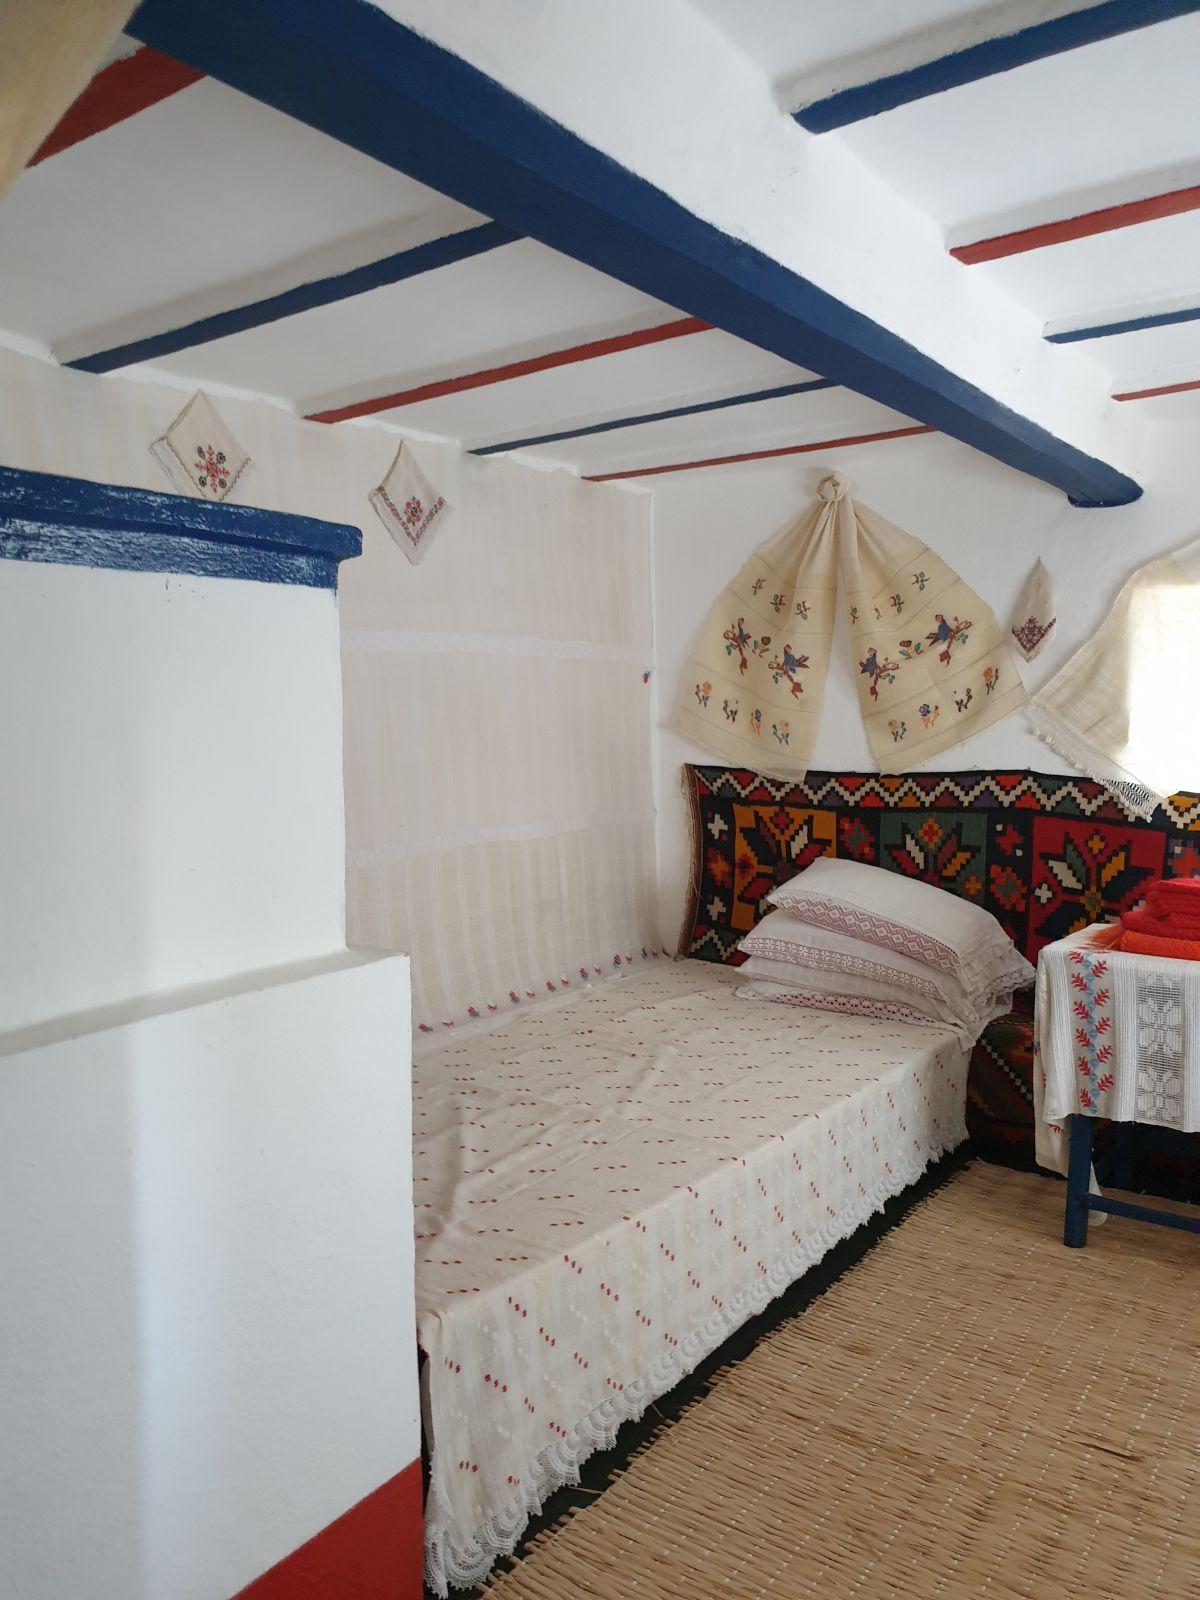 Locul de pat gândit în continuarea sobei este un lucru funcțional (cald pe perioada iernii), dar și estetic pentru că volumele sunt gândite în relație unul cu altul (patul în continuarea sobei, păstrându-se lățimea)